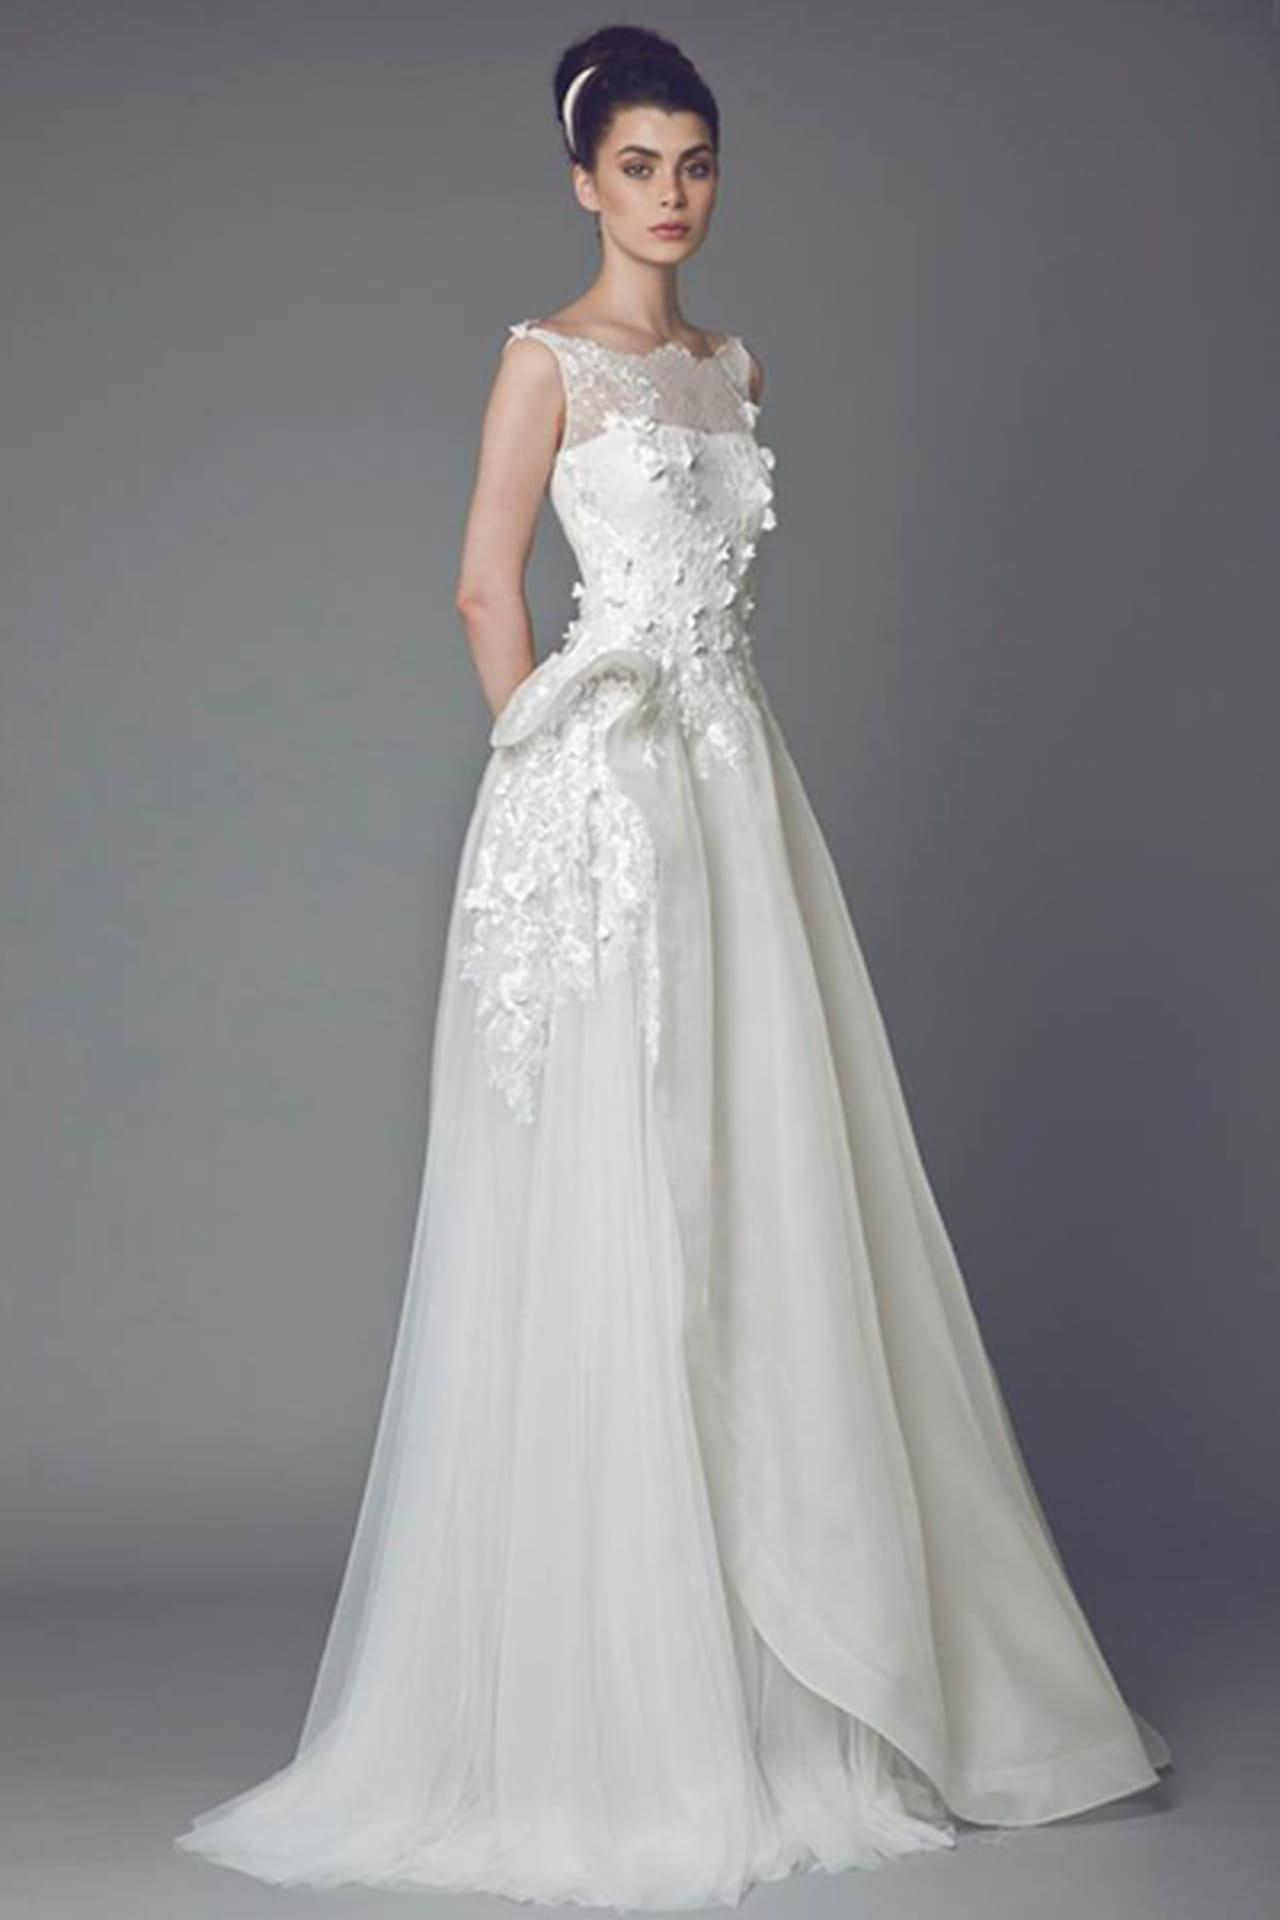 فساتين زفاف طوني ورد 823997